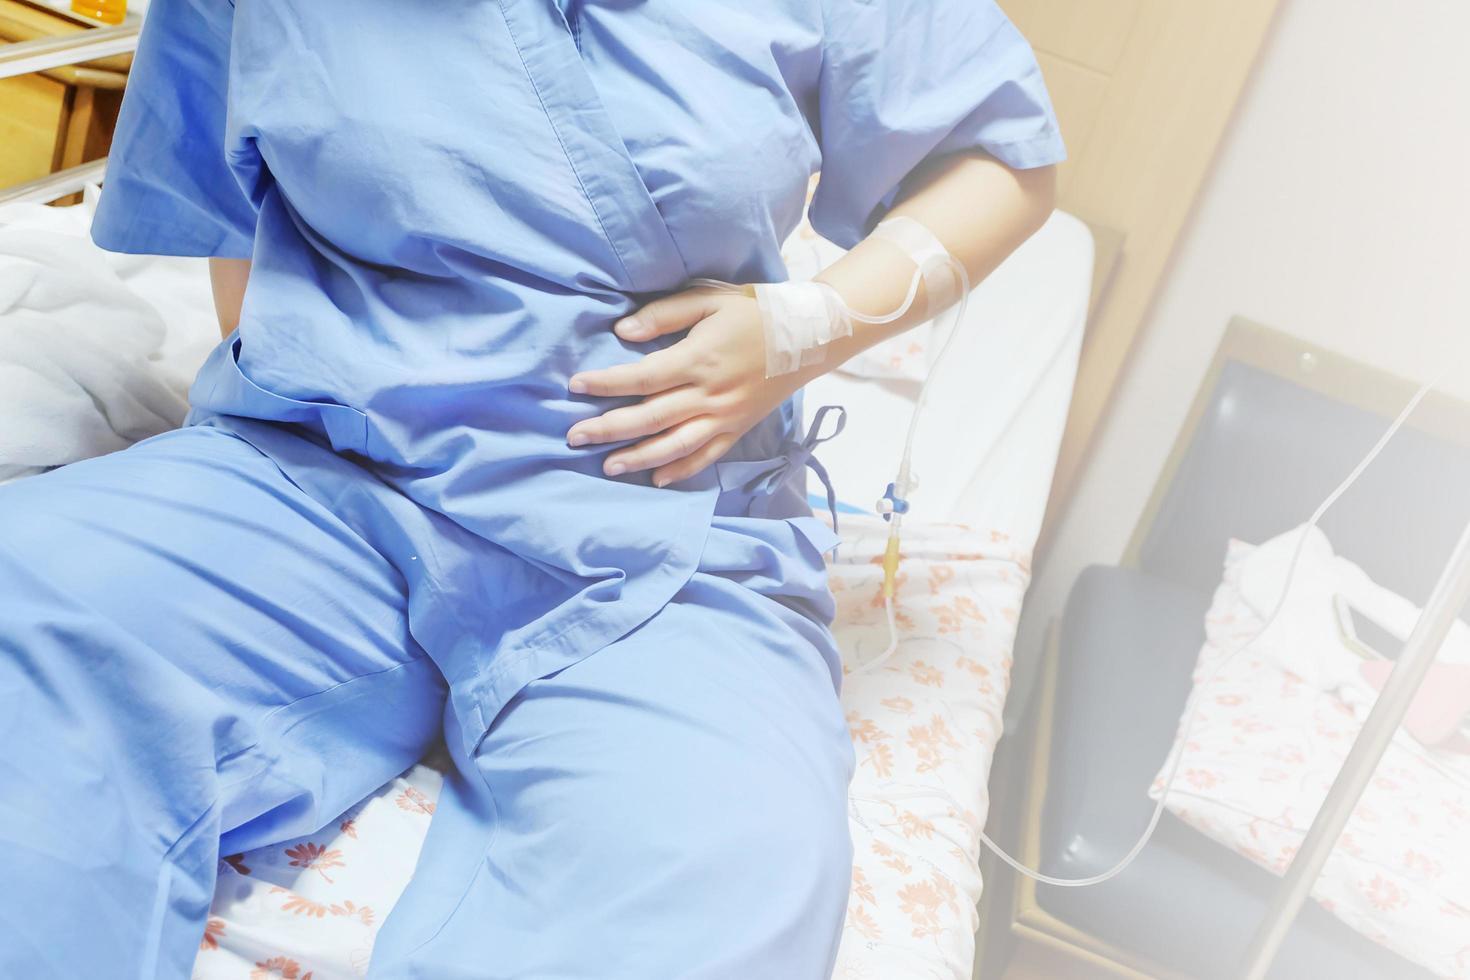 flebo endovenoso salino nella mano di una paziente femminile foto